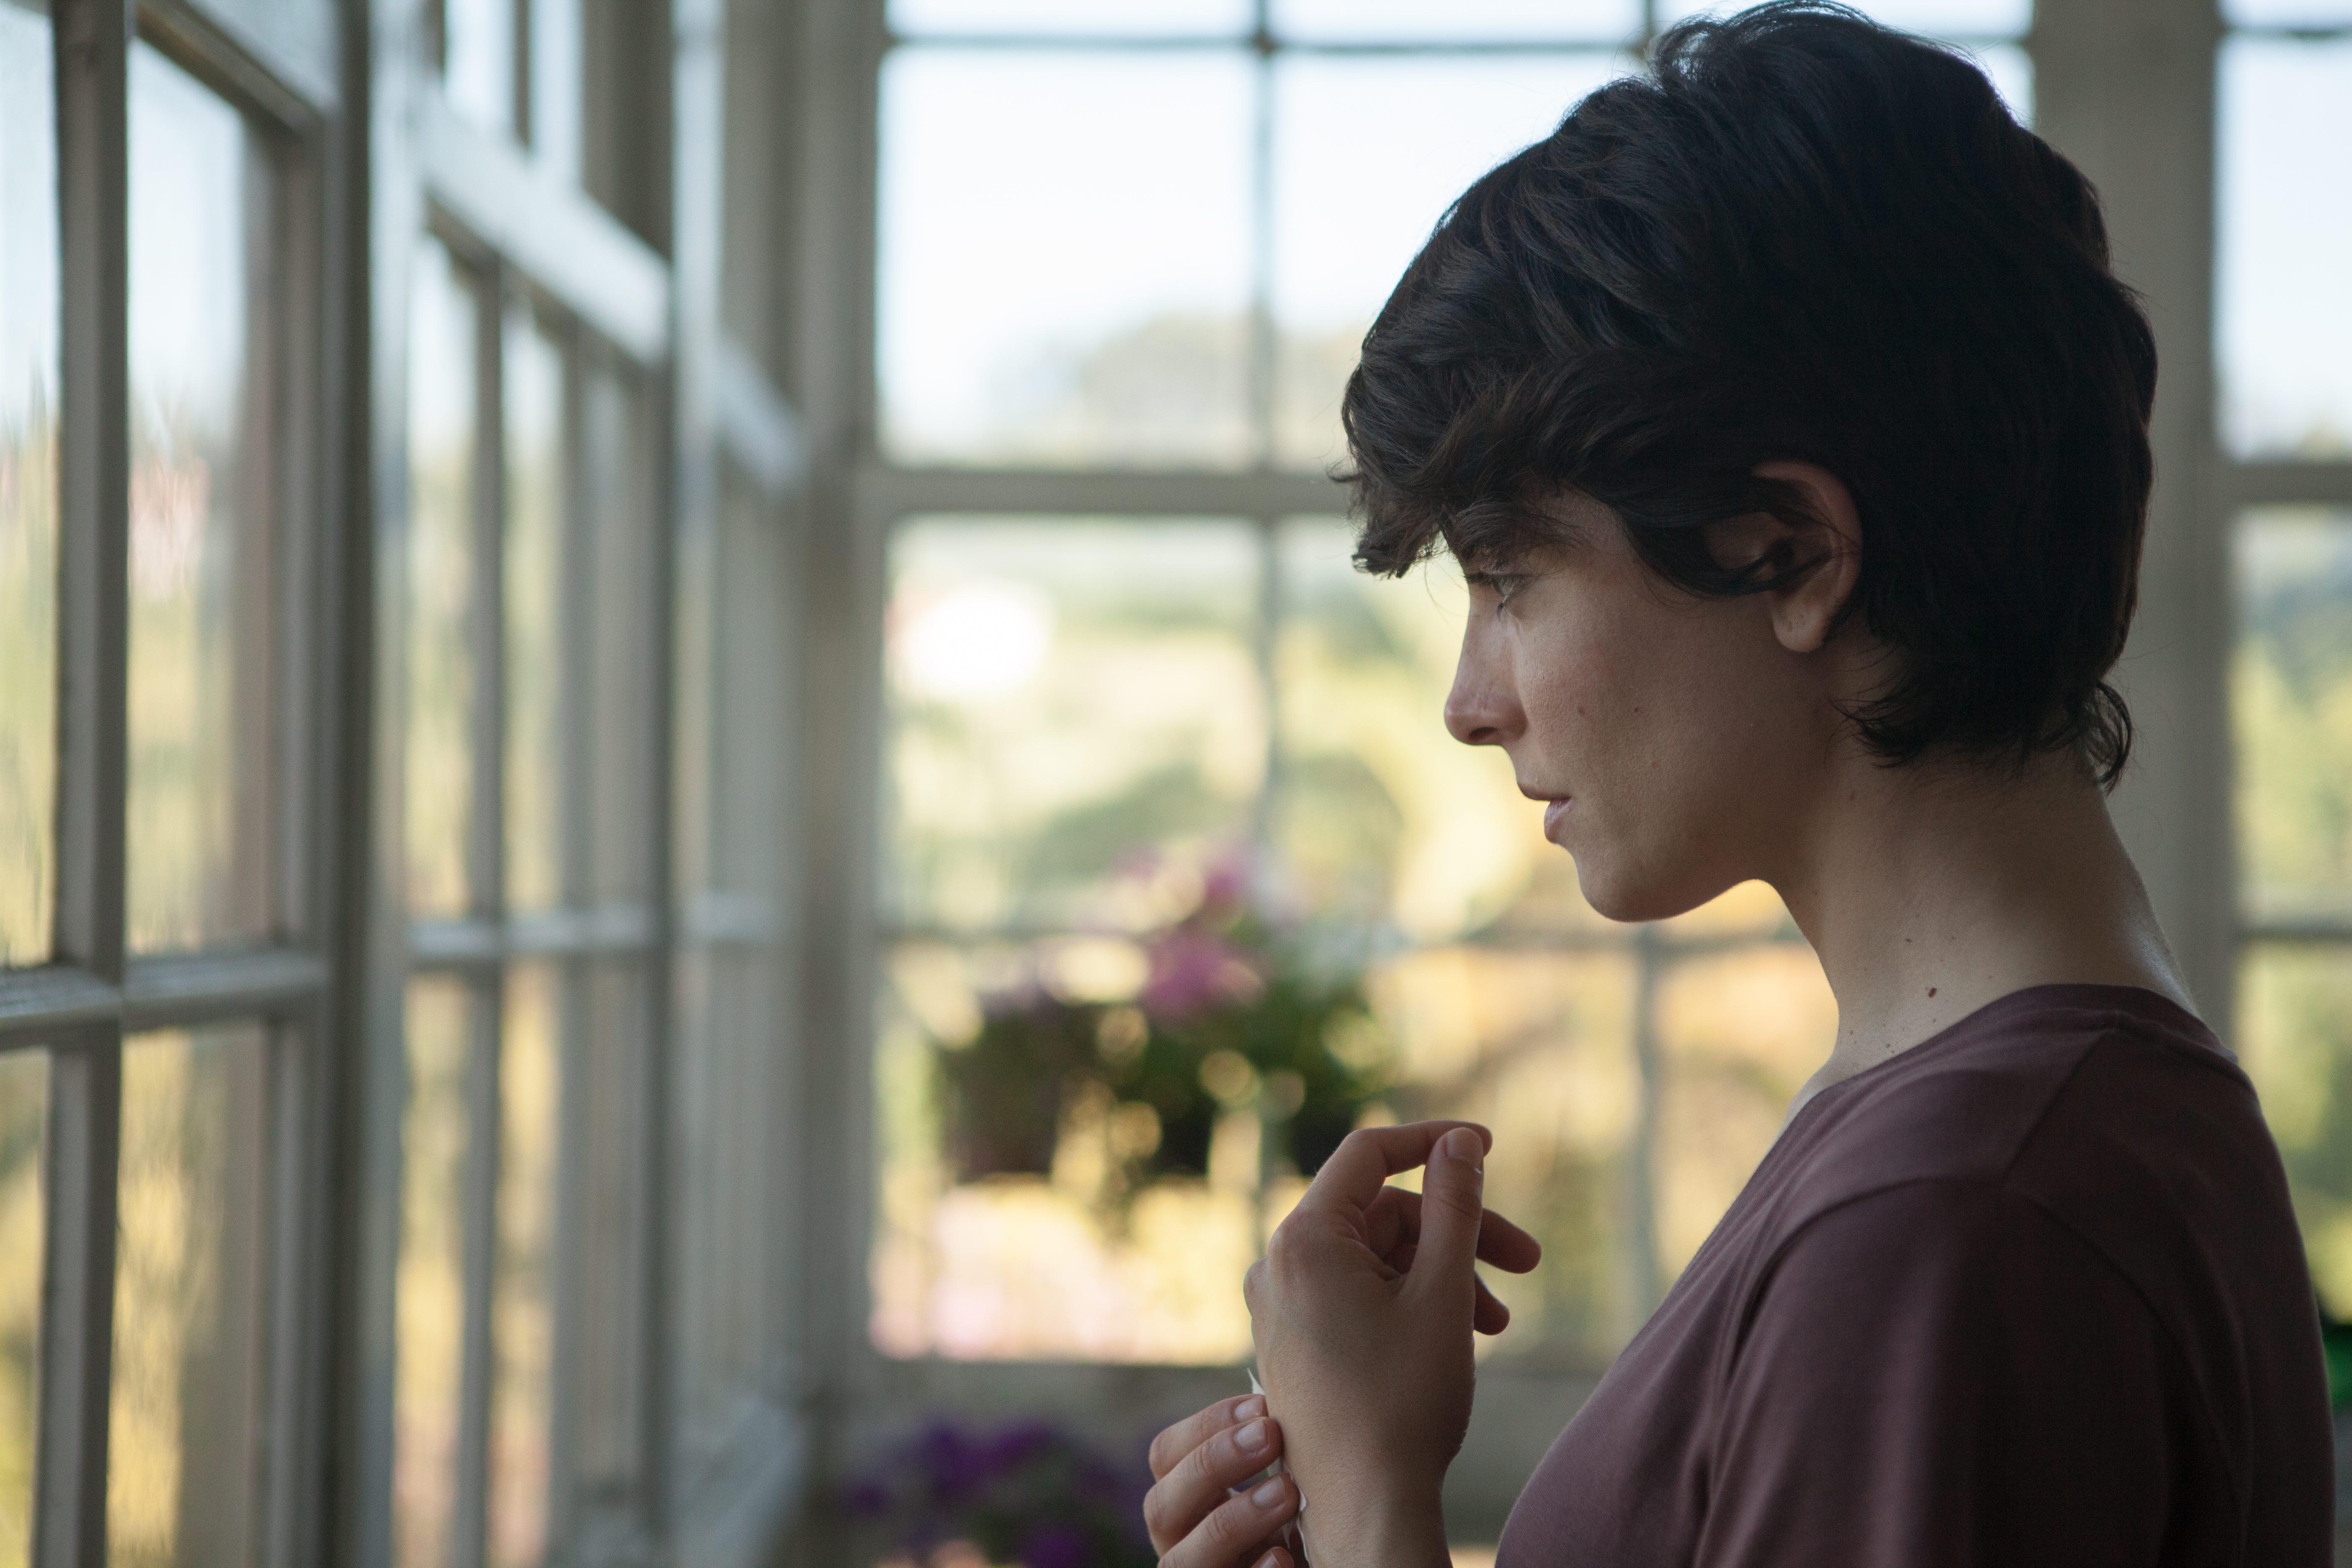 Fotograma de la pel·lícula 'María y las demás', un altre de les obres premiades enguany. (Fotografia: REC).